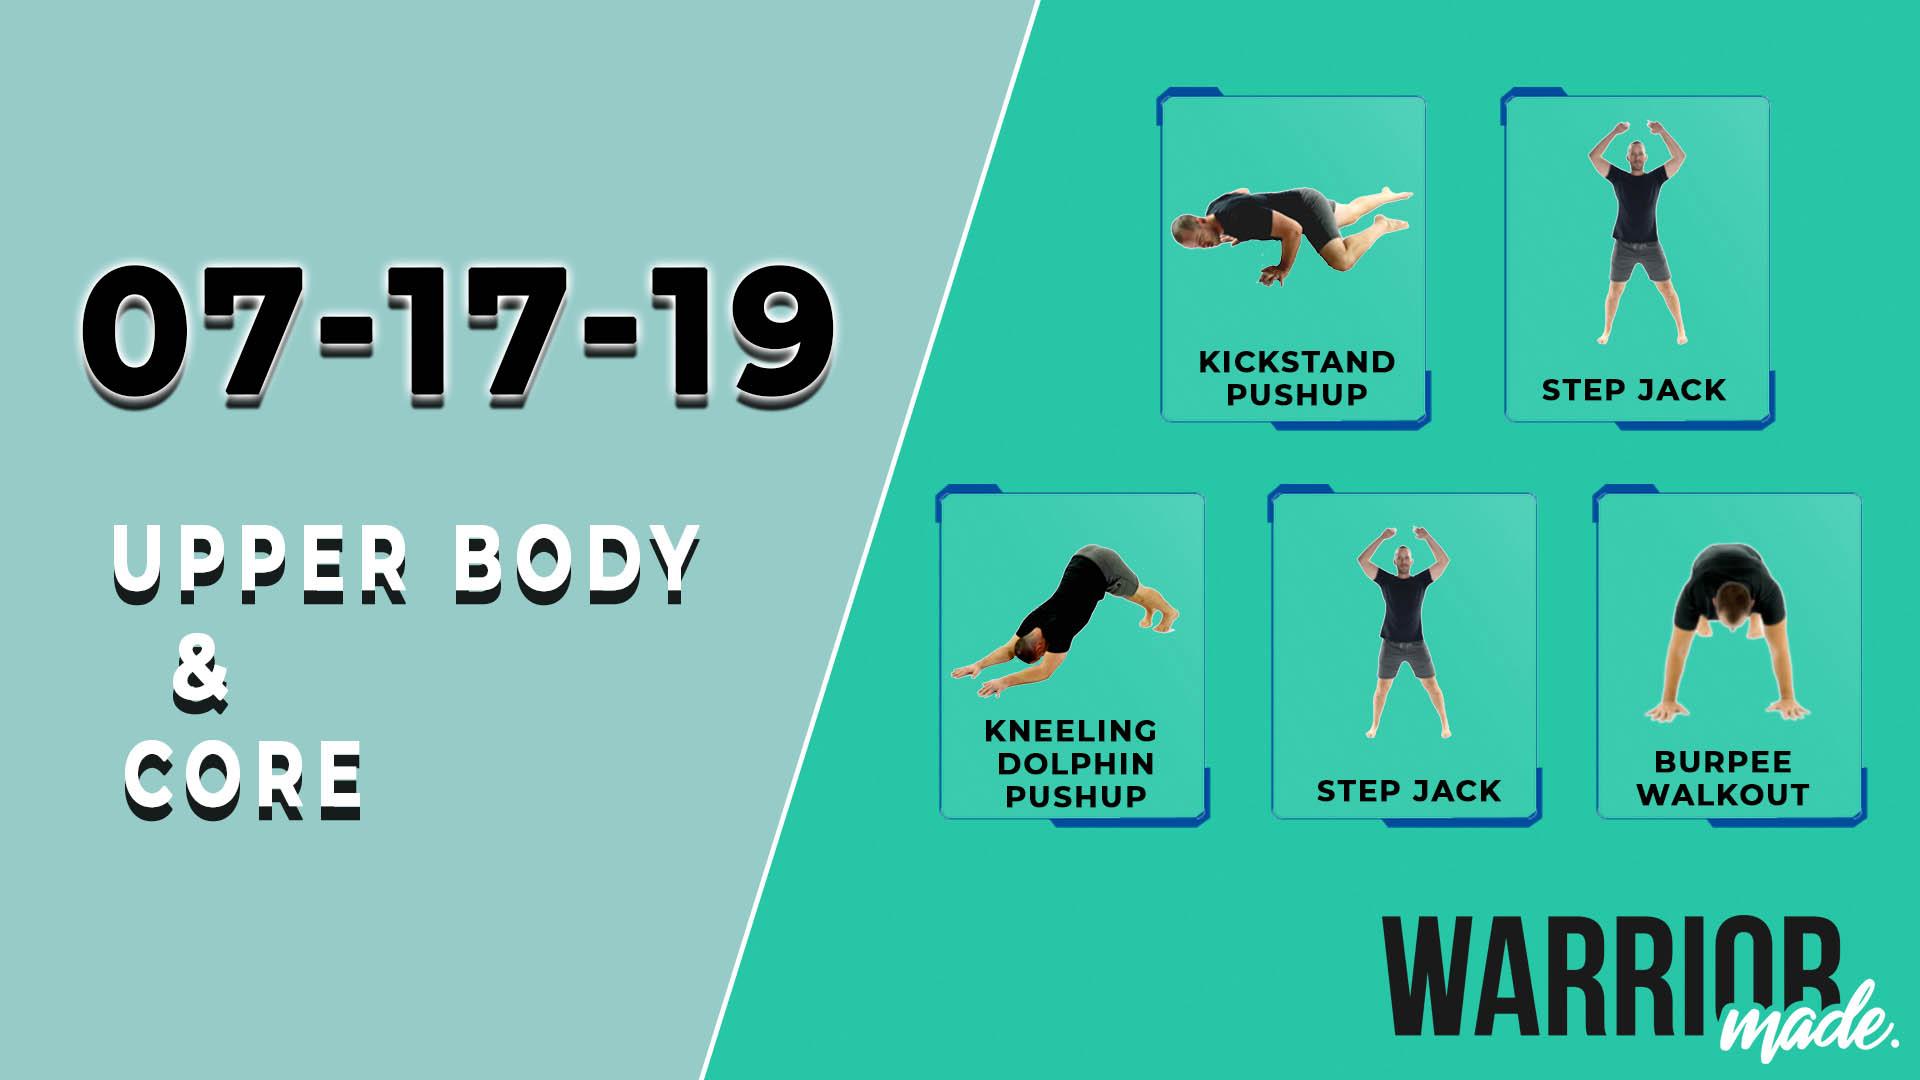 workouts-07-17-19